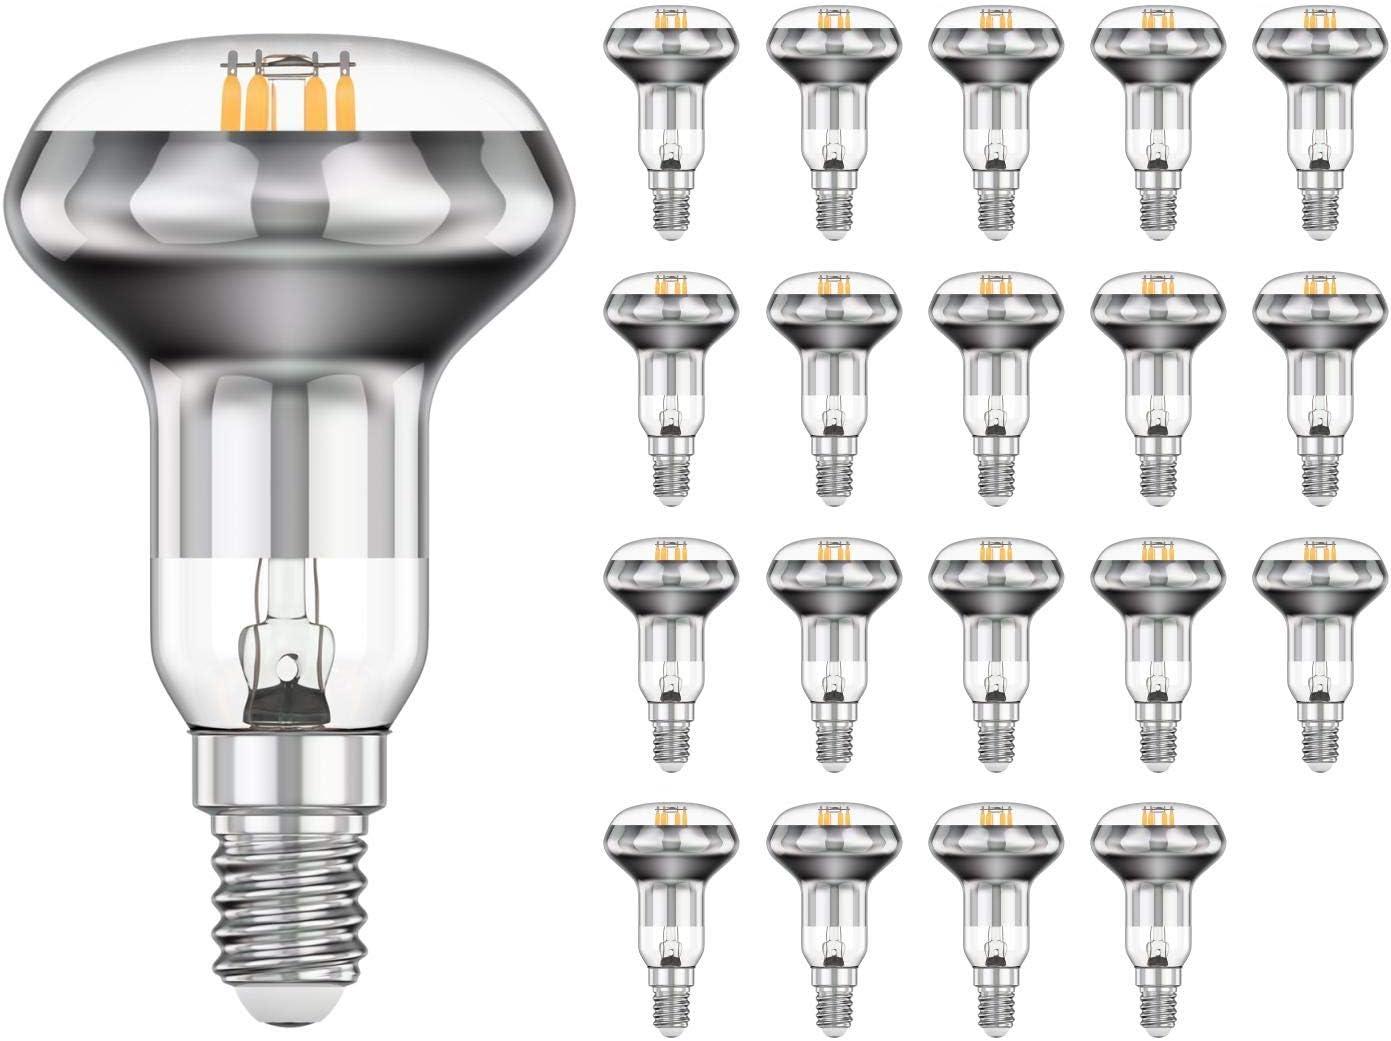 E14 LED Filament Reflektor-Spot R50 4W =35W 380lm 110° warm-weiß A++ 5 Stk.